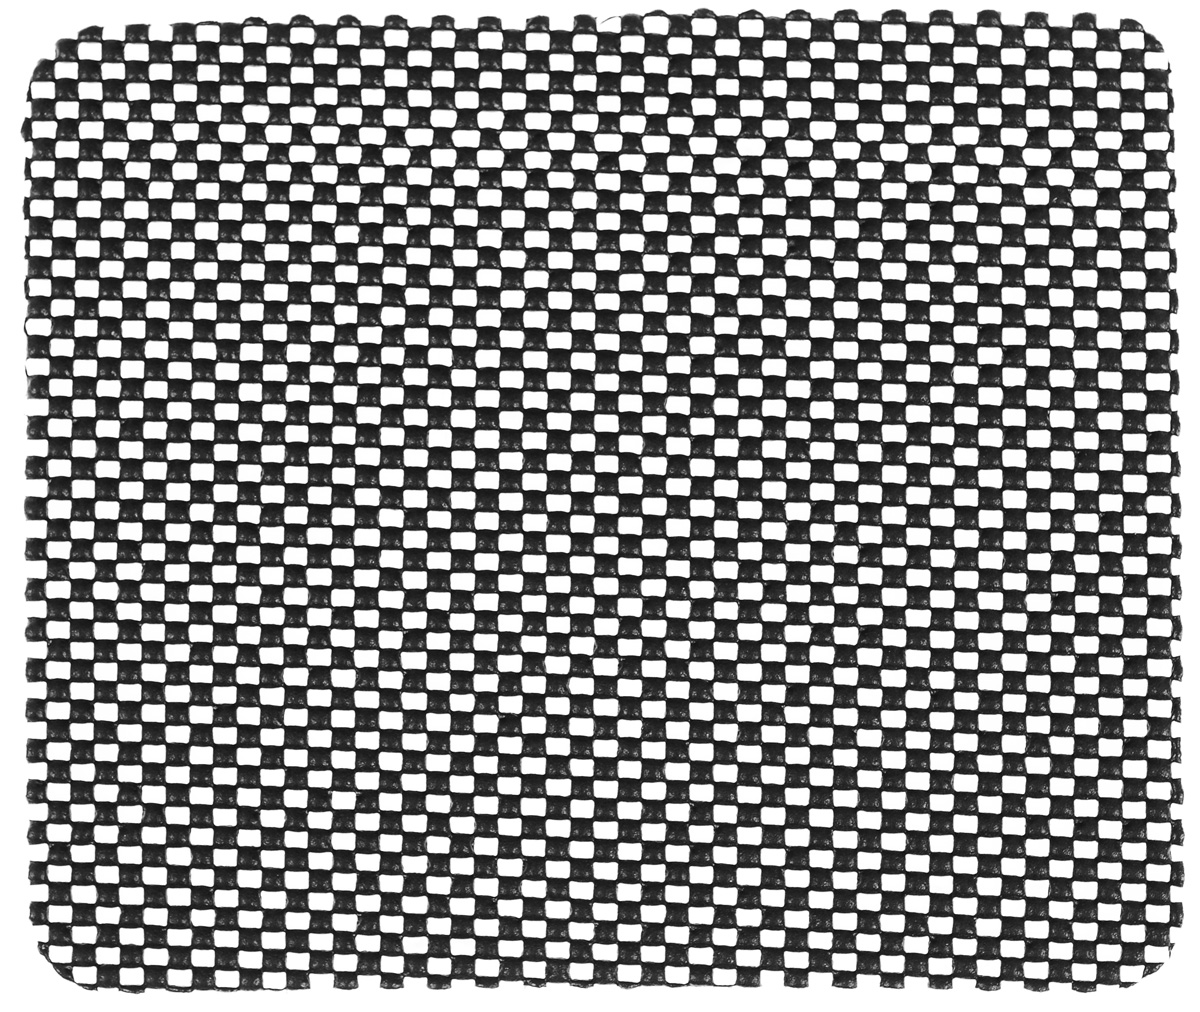 Коврик противоскользящий AVS, 19 х 22 смG131Противоскользящий коврик AVS с особой текстурой надежно удержит ваш мобильный телефон, MP3, GPS, планшет, очки и другие небольшие предметы на приборной панели. Благодаря специальной структуре поверхности, препятствует соскальзыванию предметов при движении автомобиля или при расположении предметов на наклонной поверхности. Коврик изготовлен из абсолютно безвредного полиуретана. Стильный и удобный, прост в установке и использовании. Размещается без использования каких-либо клеящих средств. Устойчив к температурному воздействию и ультрафиолетовому излучению. Не липкий, не собирает пыль и грязь.